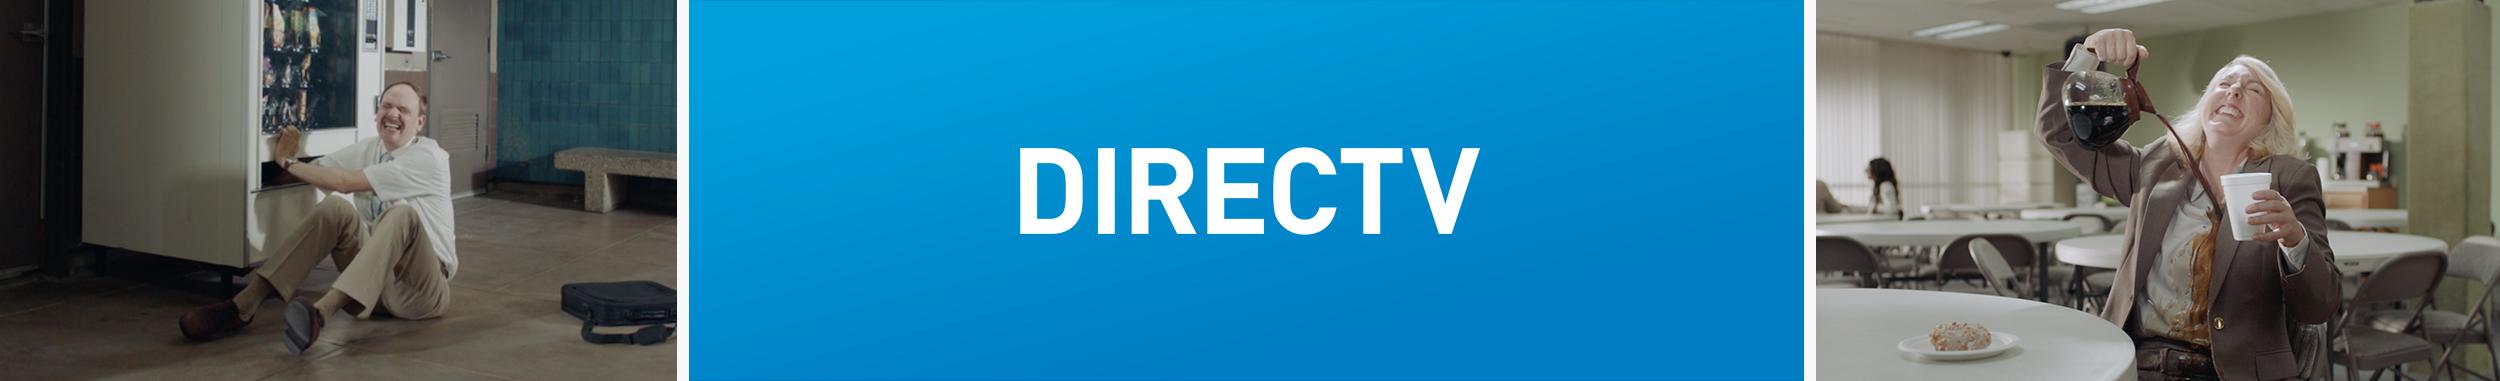 directv_banner.jpg